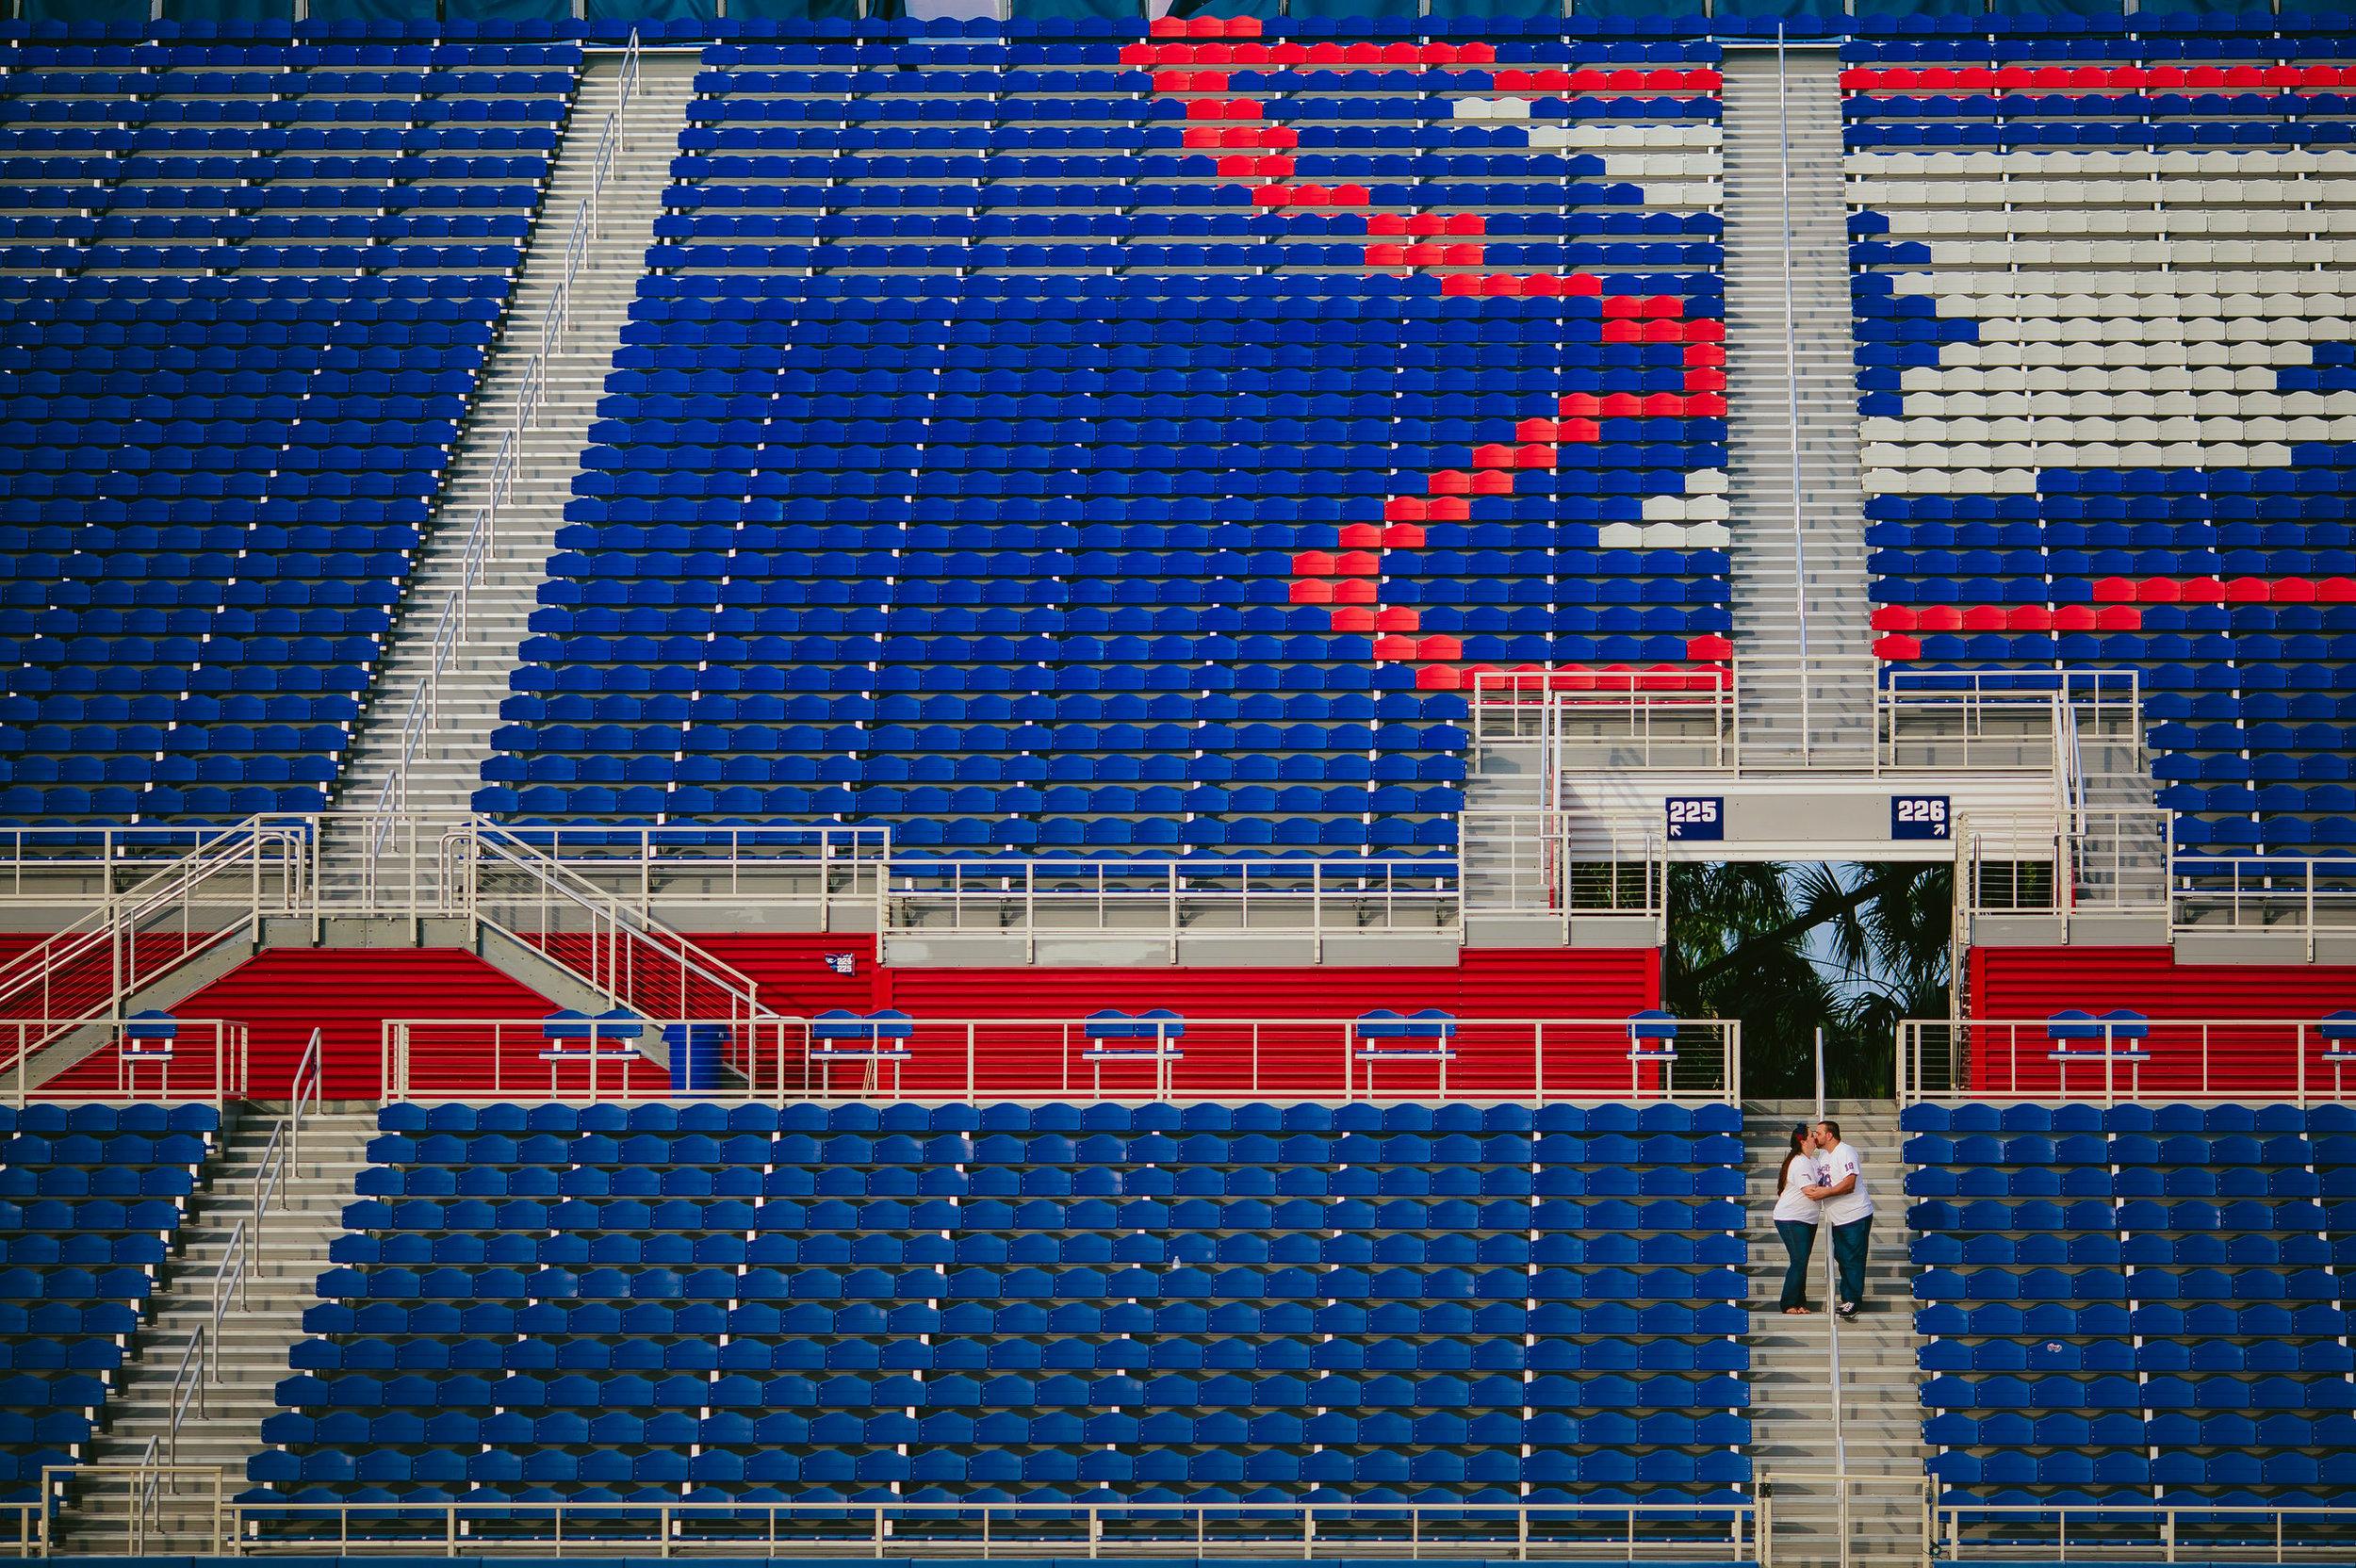 FAU_stadium_football_loving_couple_alumni_staff.jpg